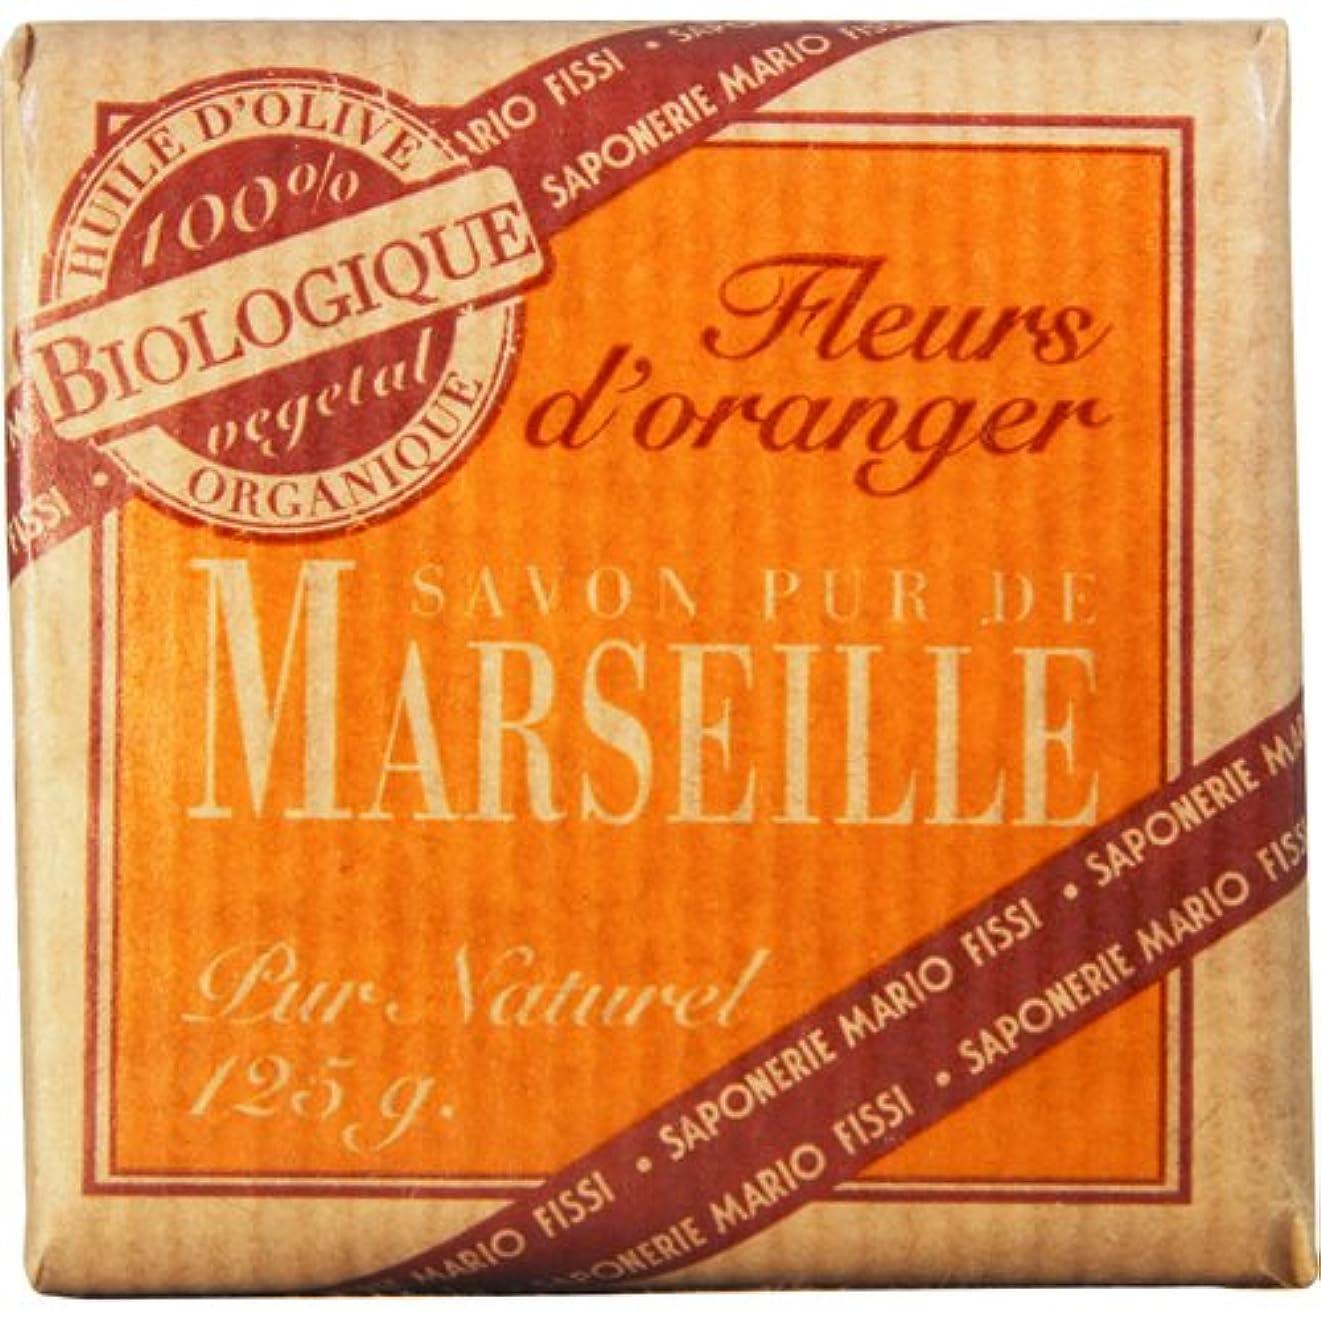 本物の効能ある交換Saponerire Fissi マルセイユシリーズ マルセイユソープ 125g Orange Flower オレンジフラワー